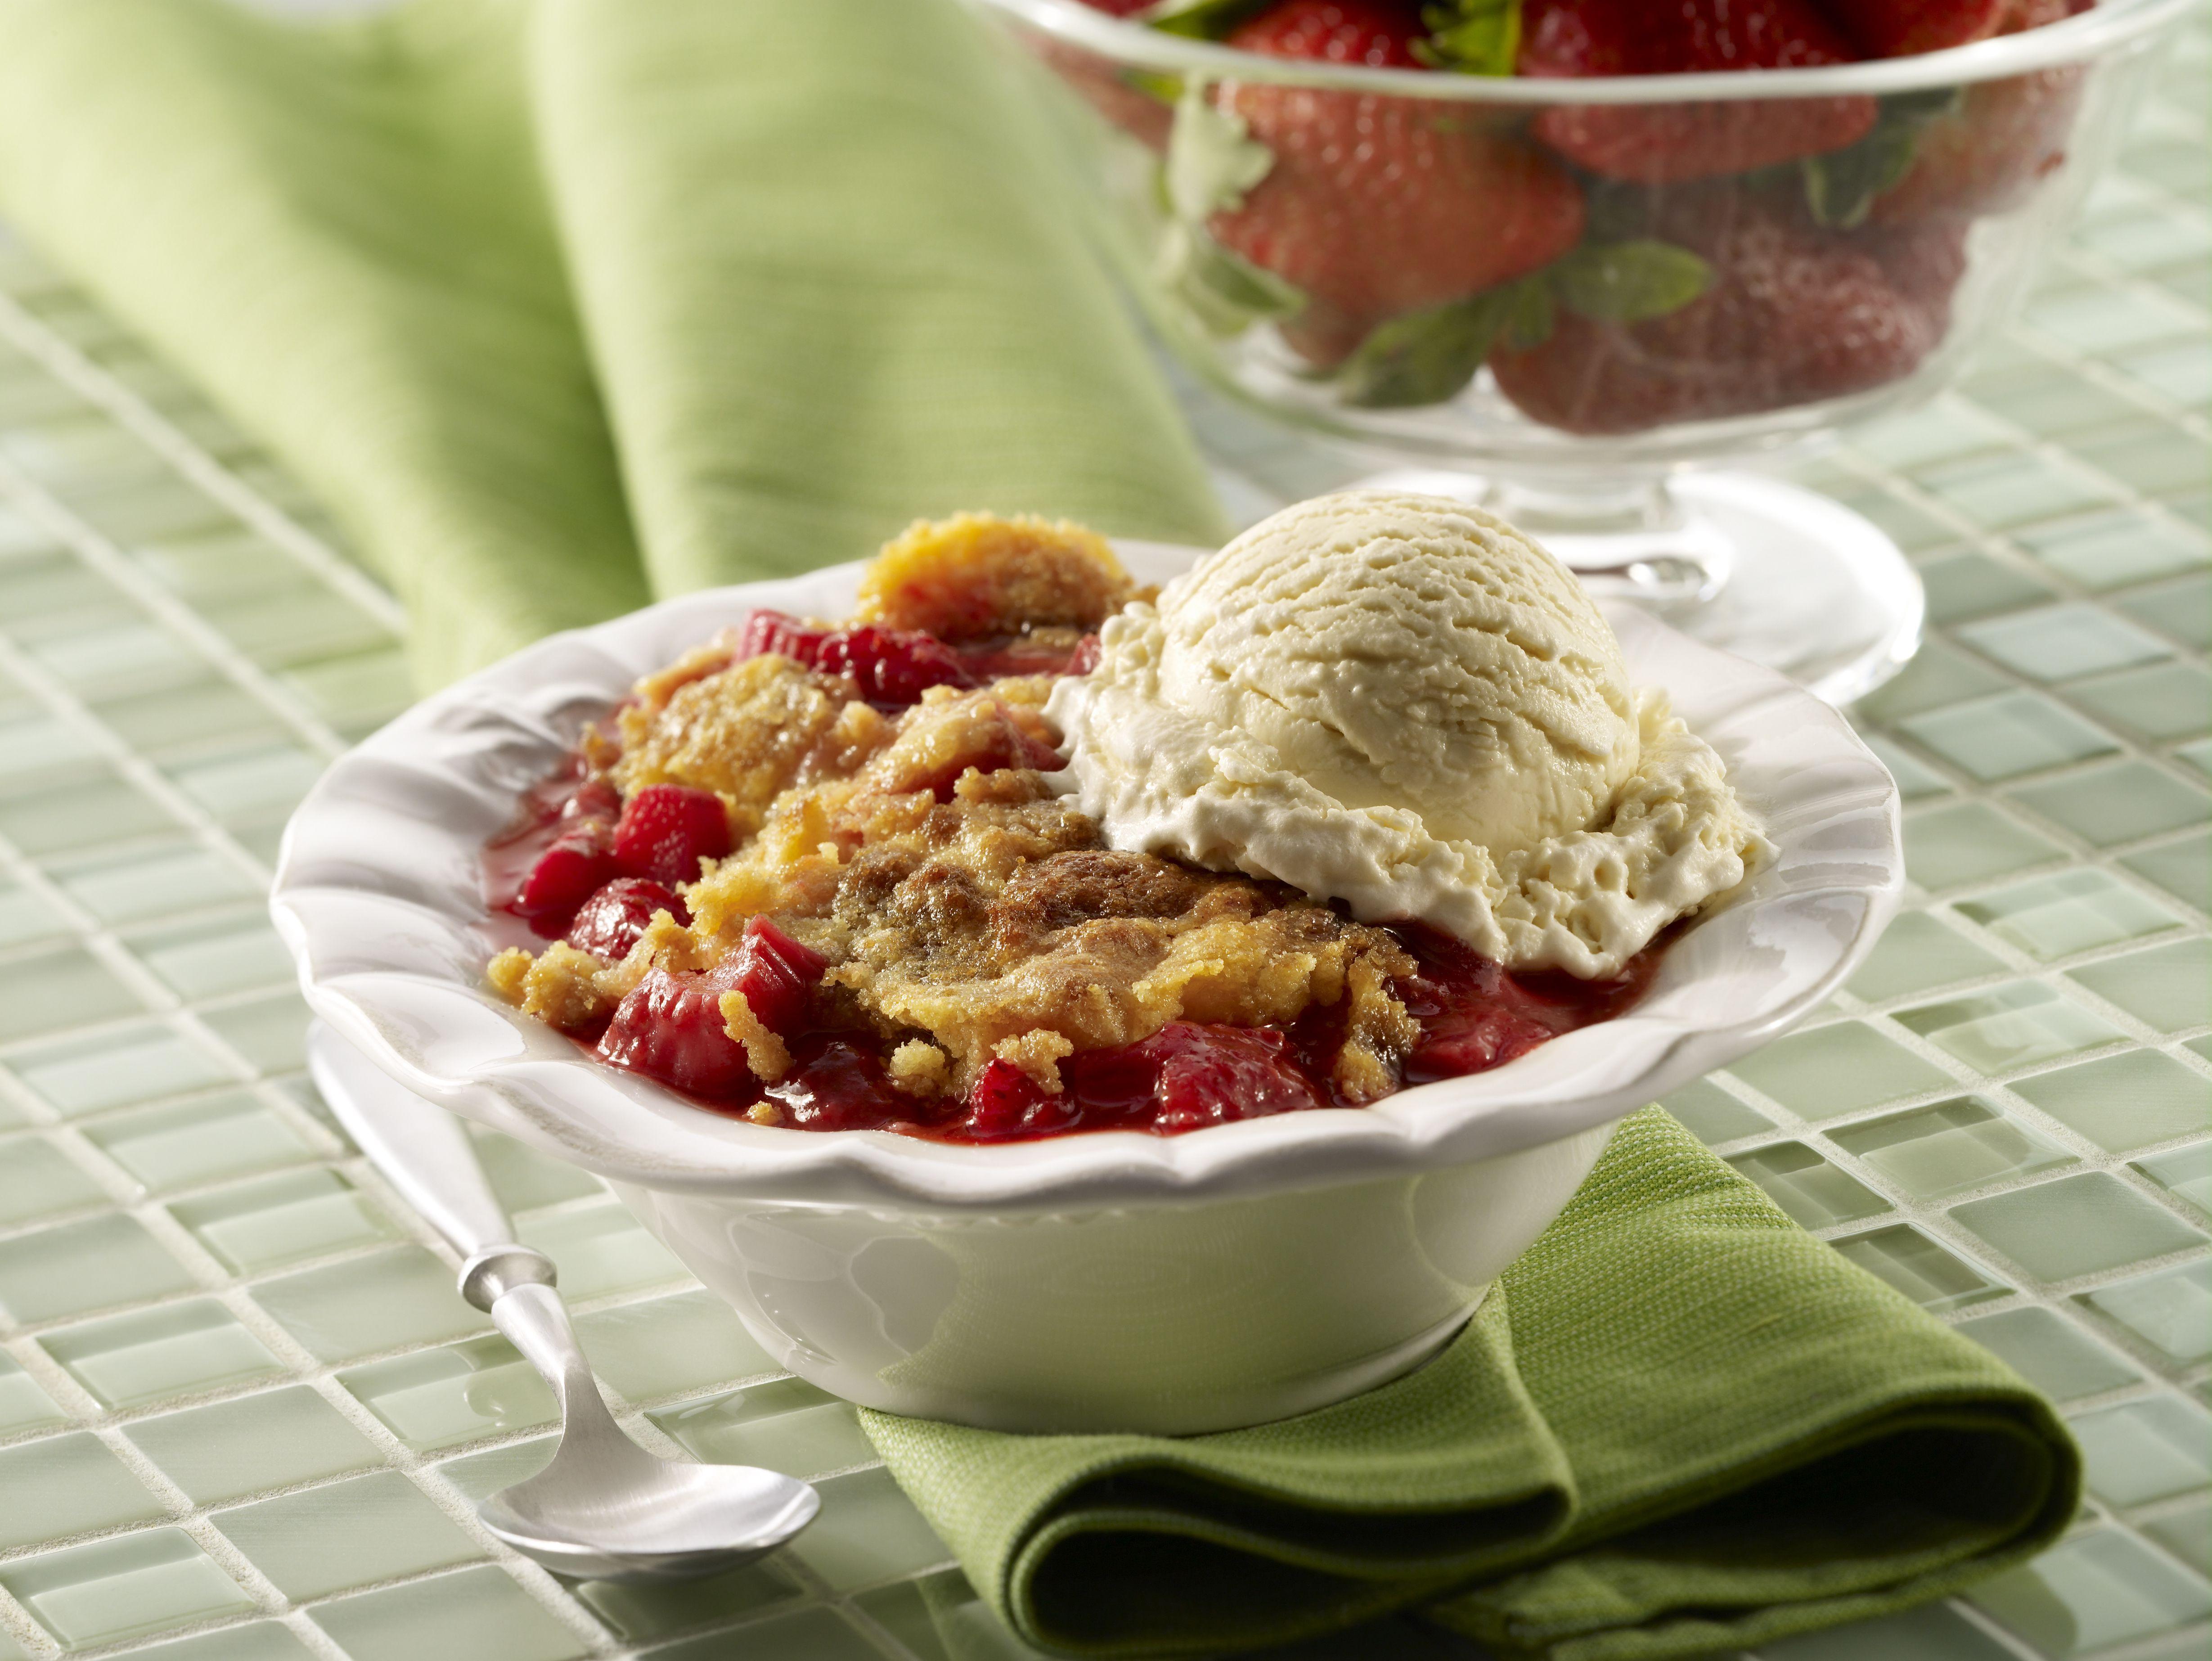 Strawberry-Rhubarb Crumb Cake